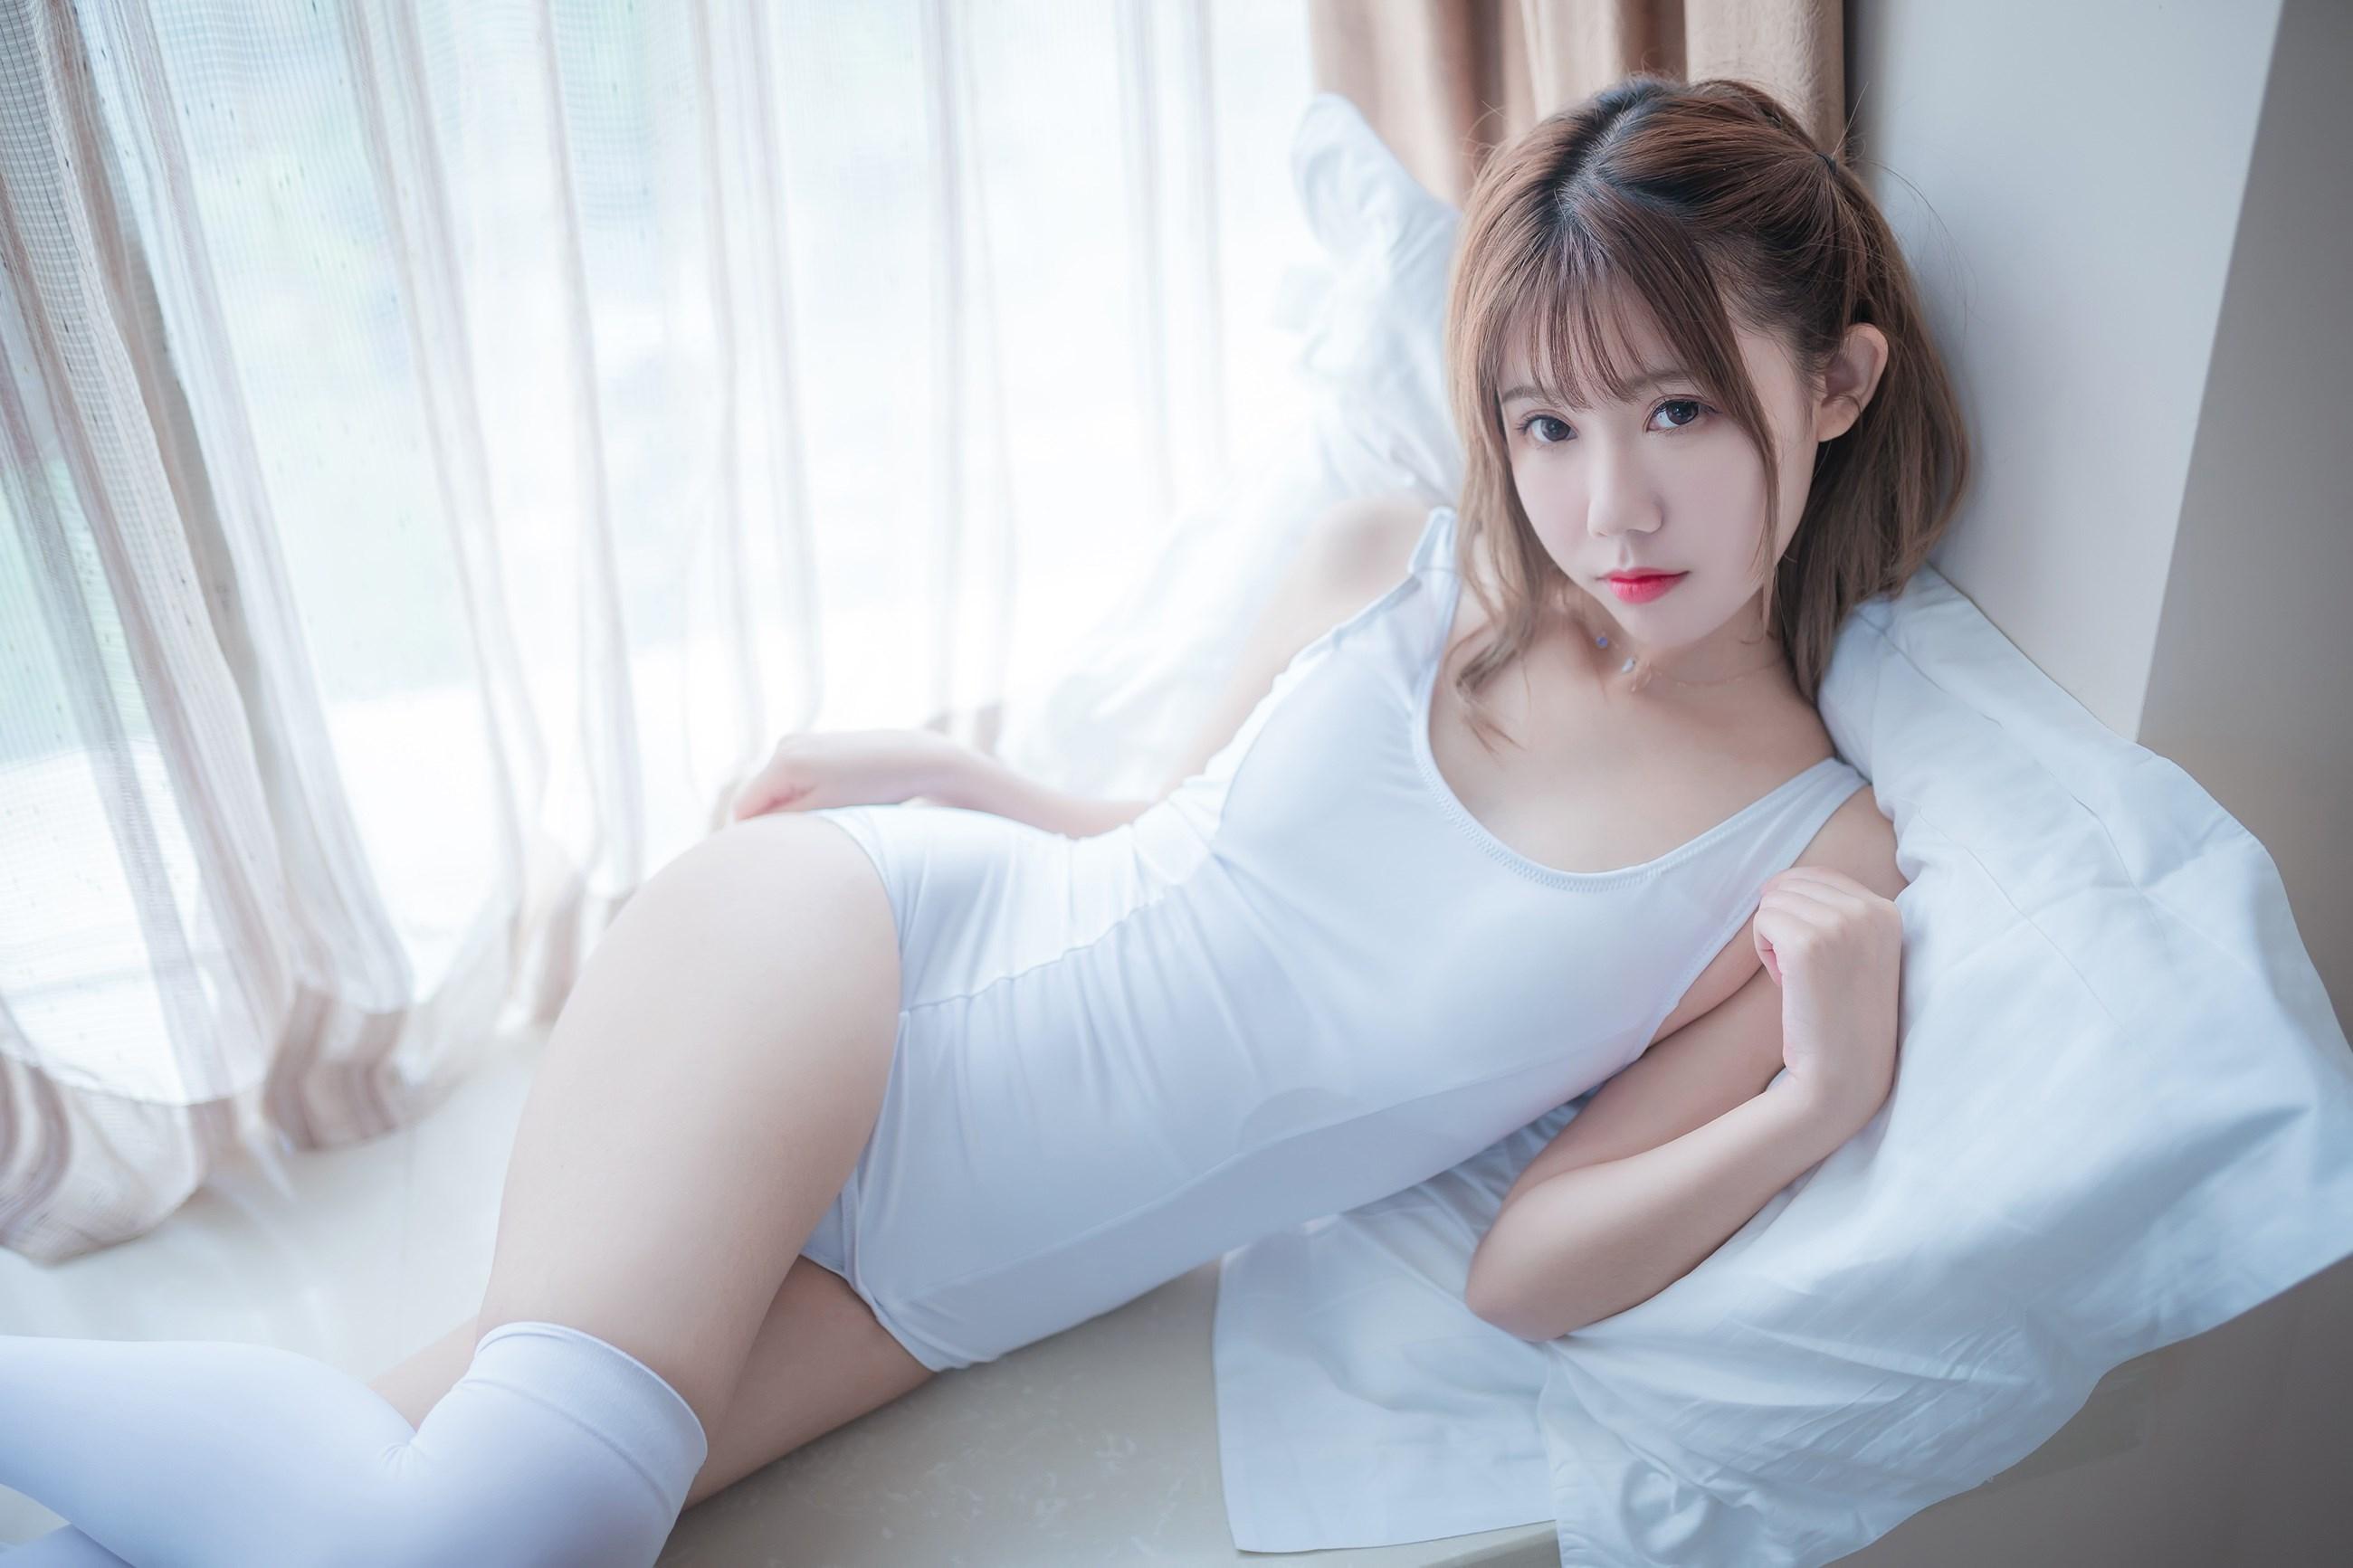 【兔玩映画】vol.09-纯白色 兔玩映画 第35张